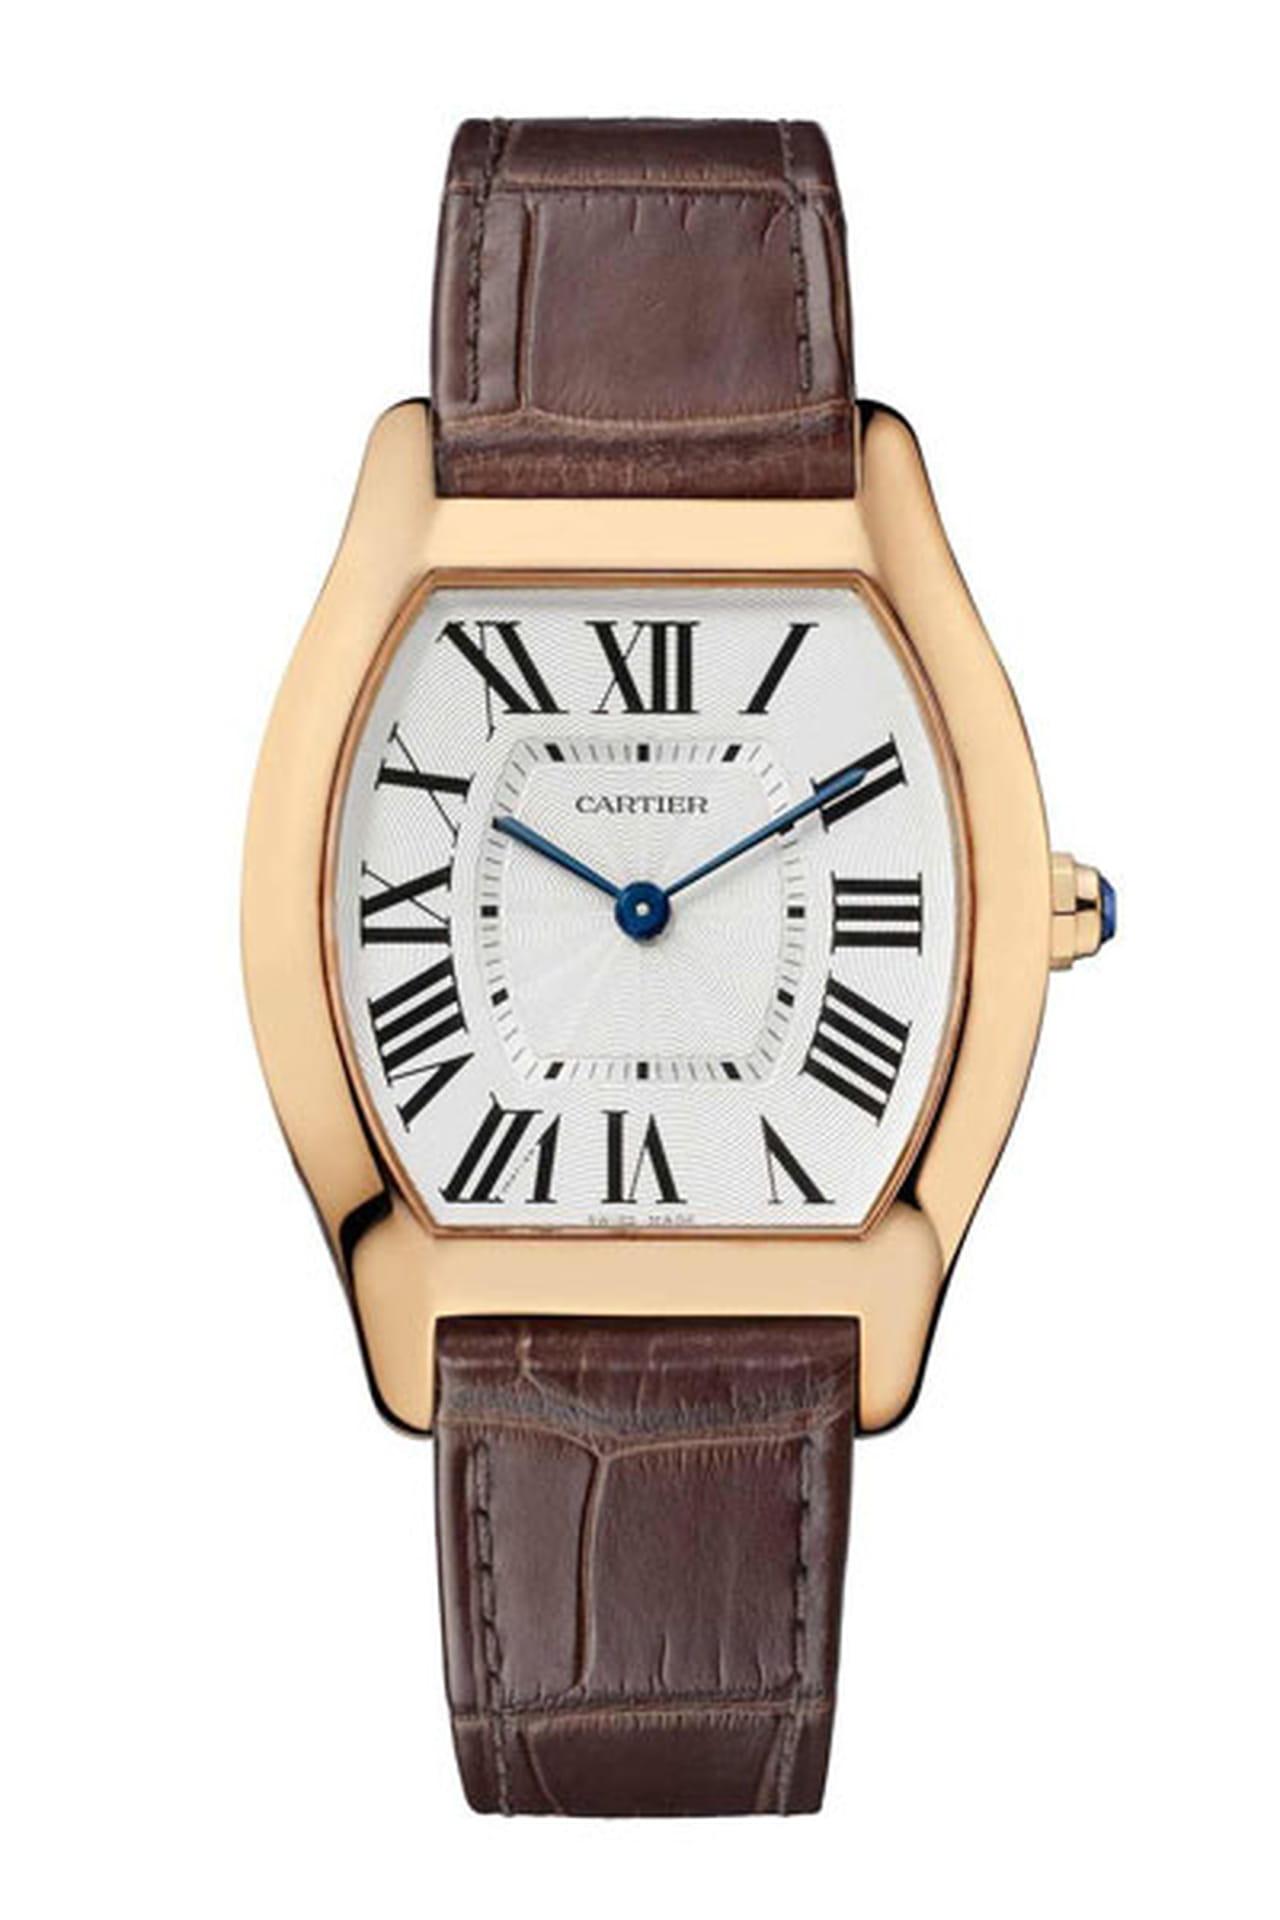 7ac430485 ساعة أنيقة تجمع بين البني والذهبي من كارتييه Cartier.